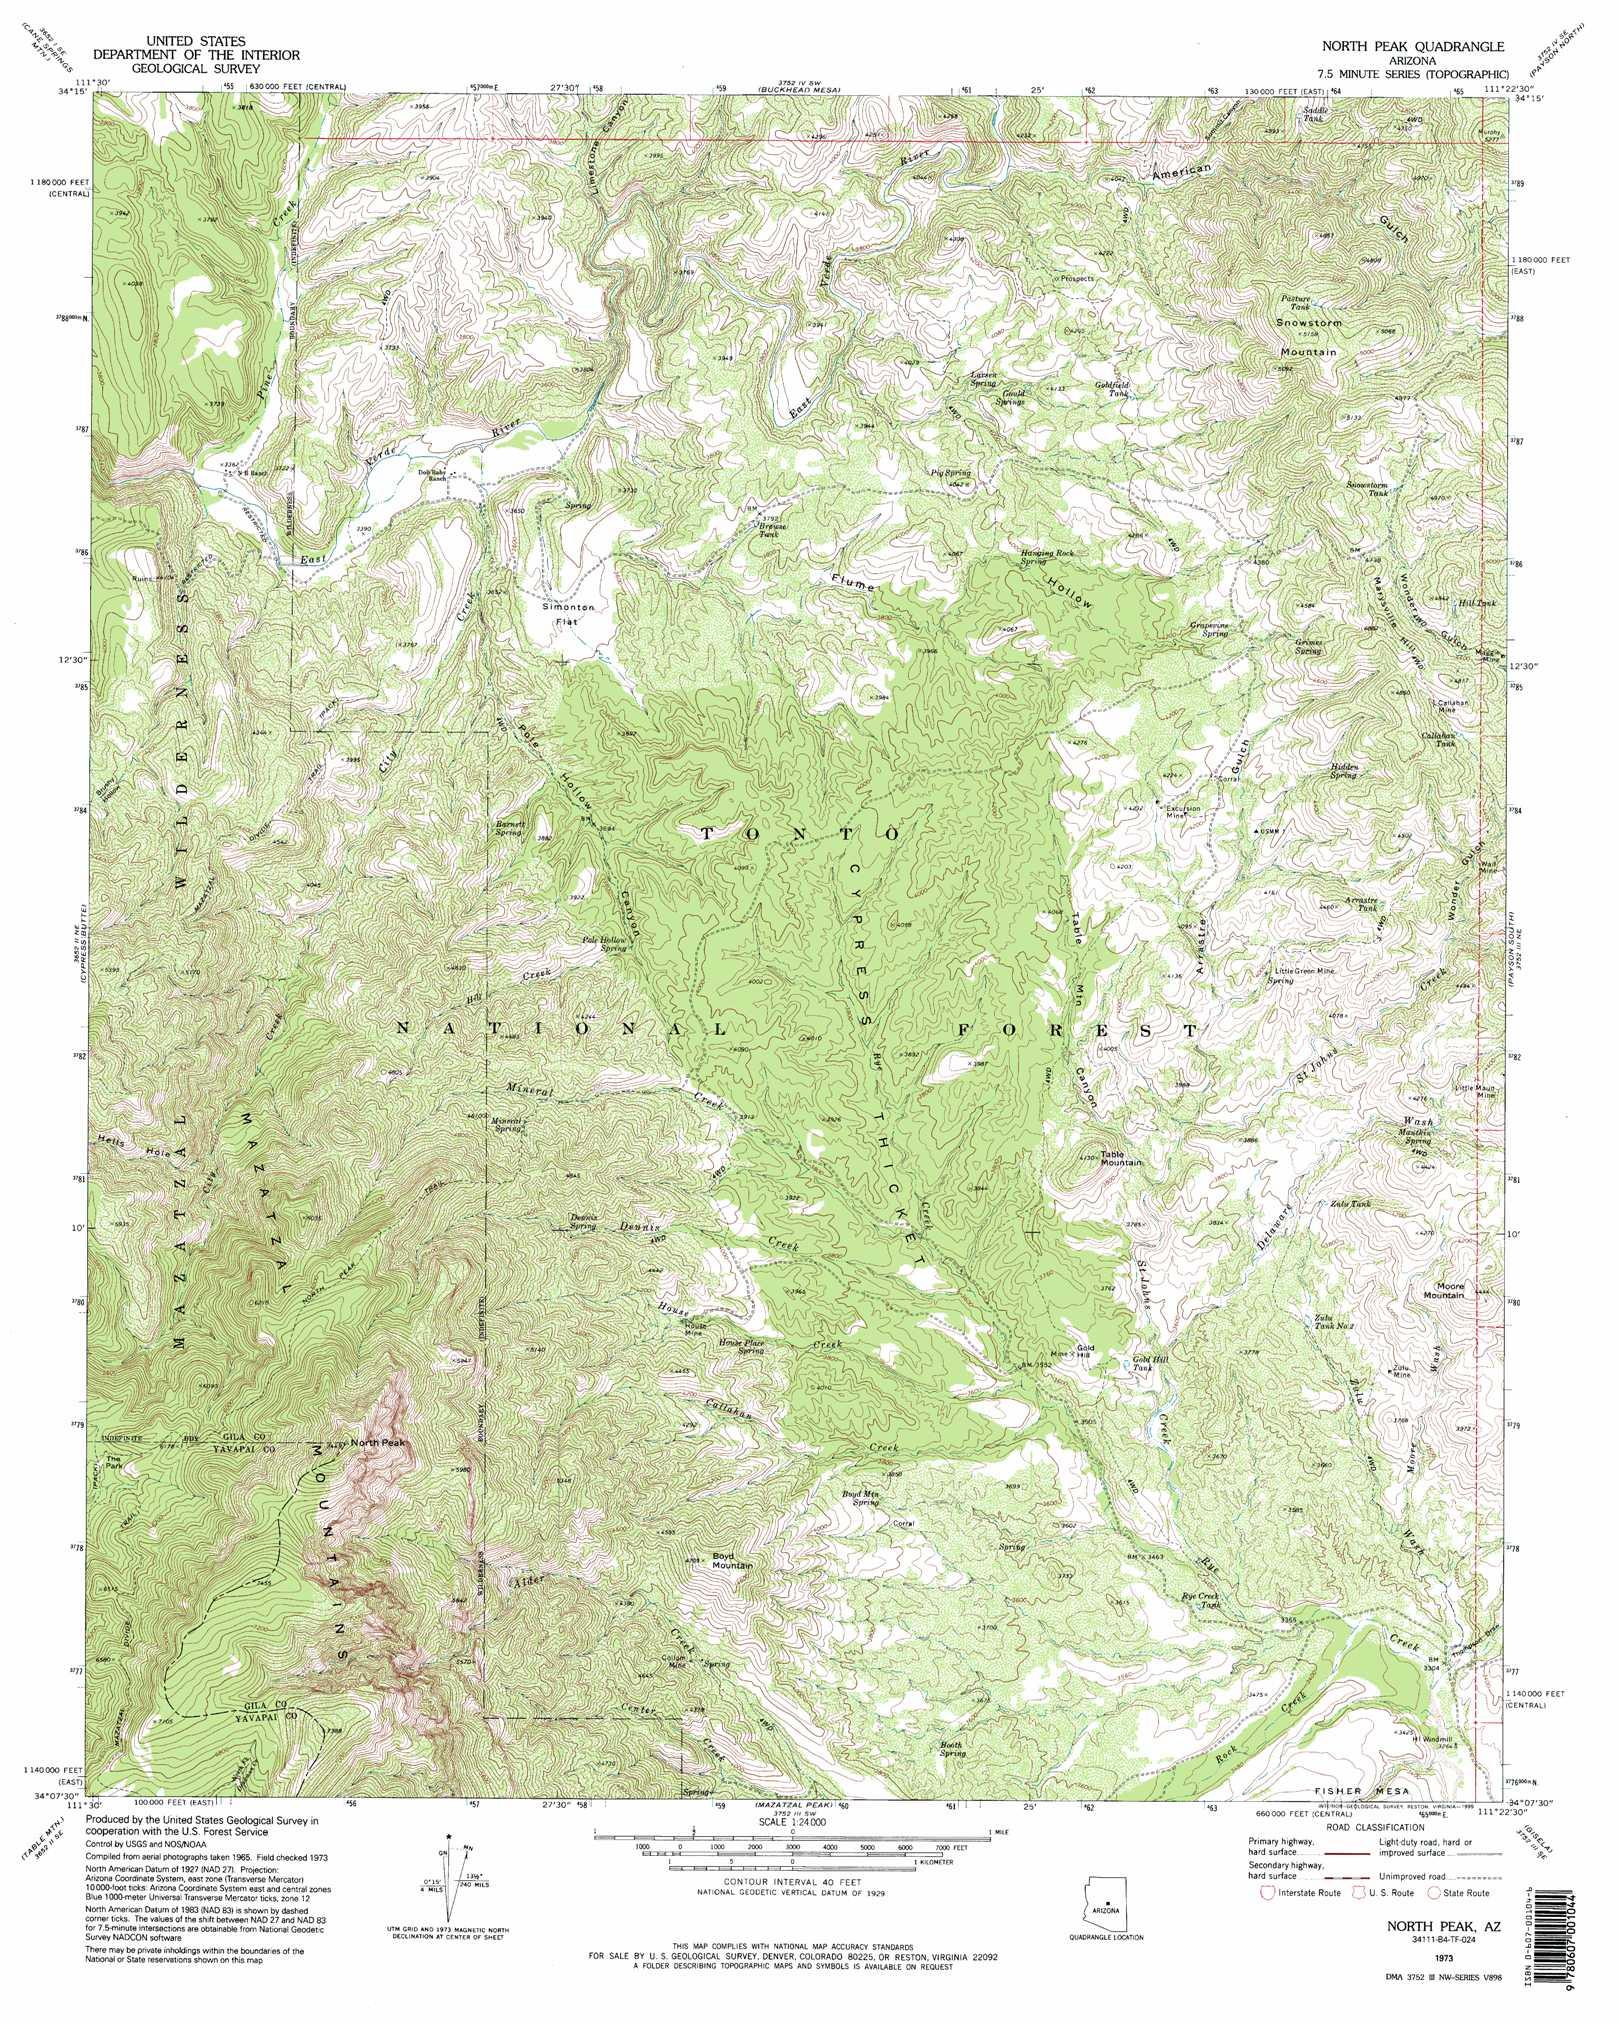 North Peak topographic map, AZ - USGS Topo Quad 34111b4